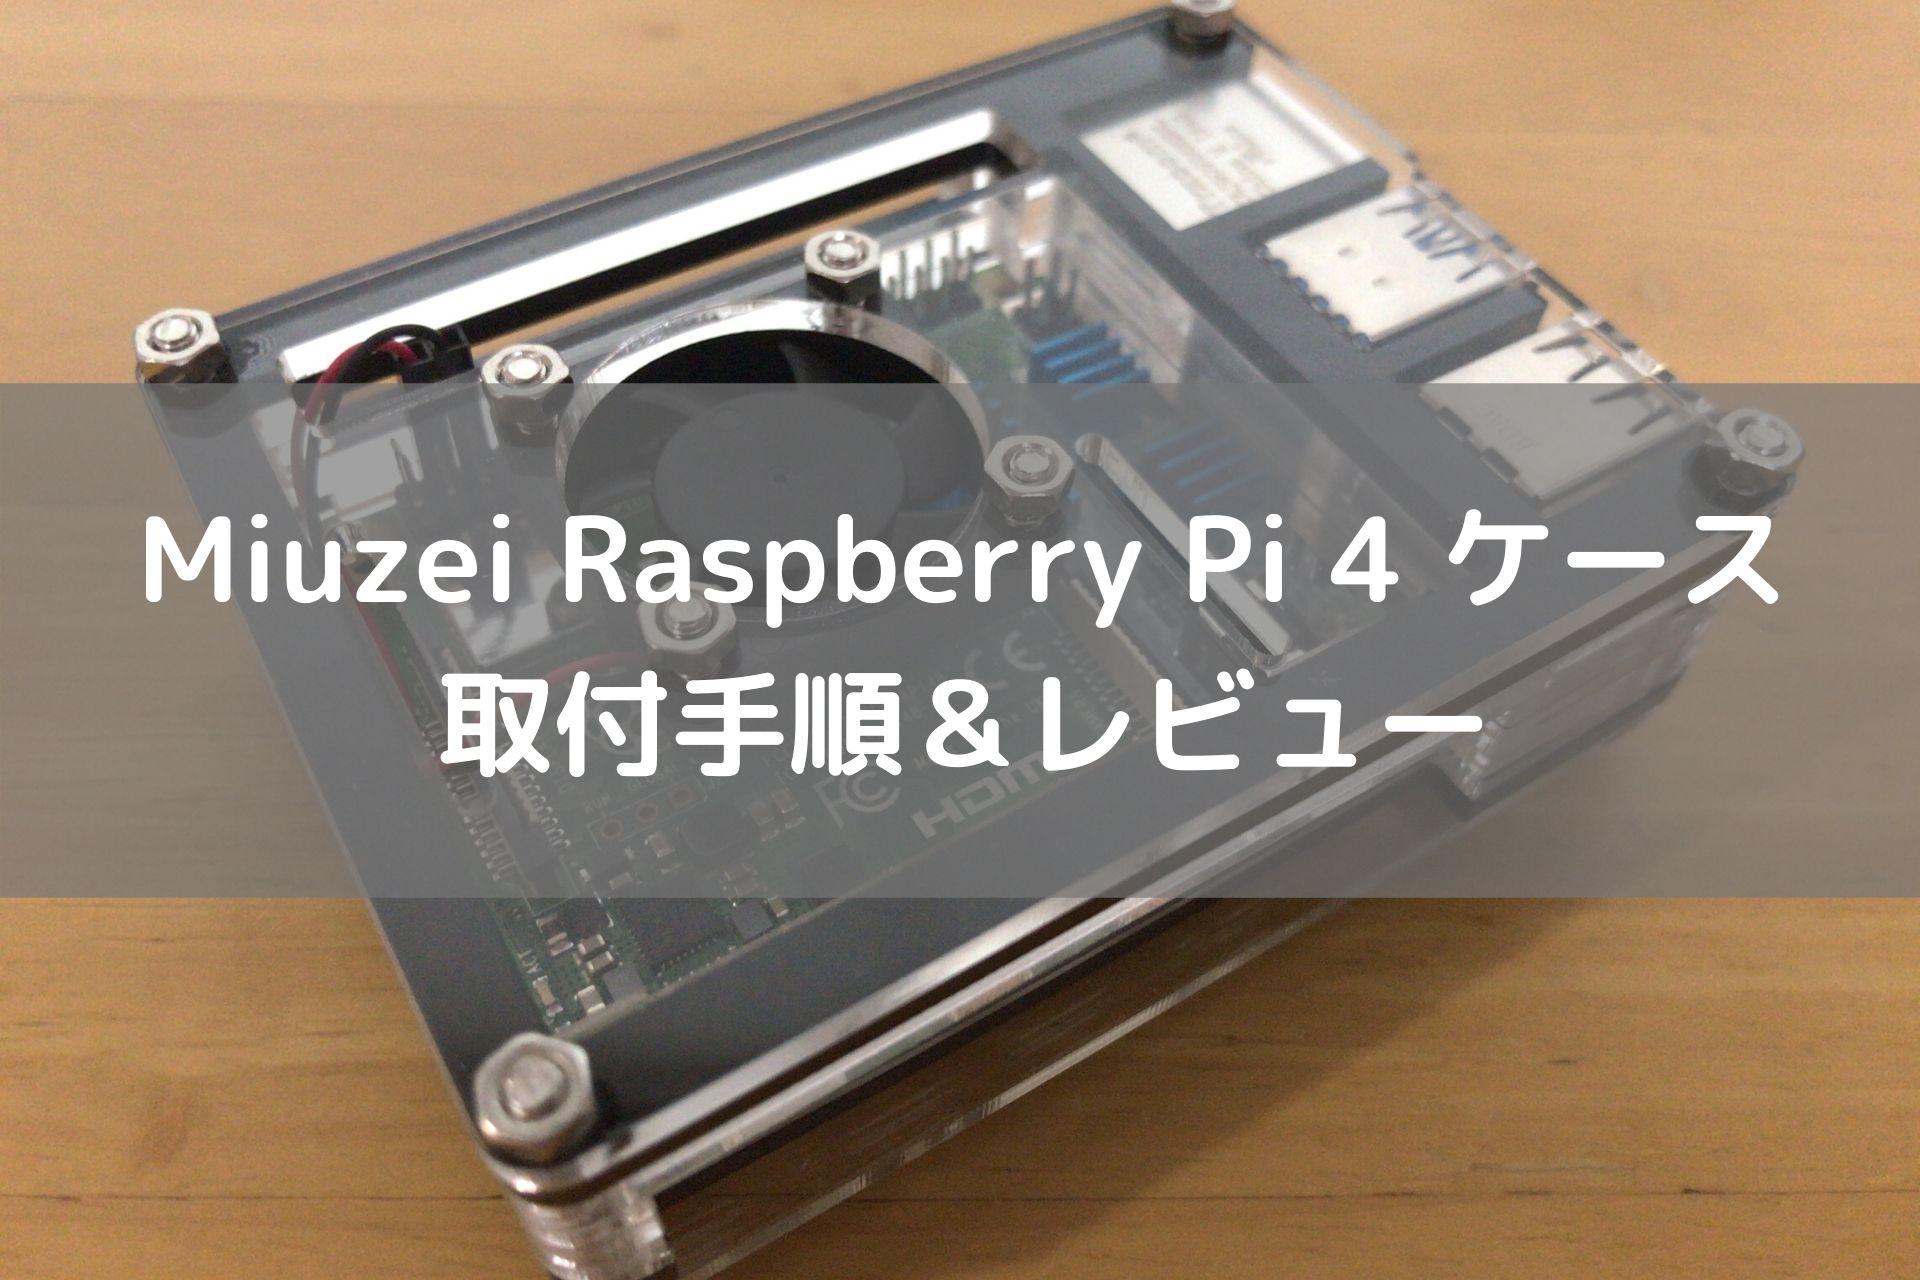 Miuzei ラズベリーパイ4ケース 取付レビュー